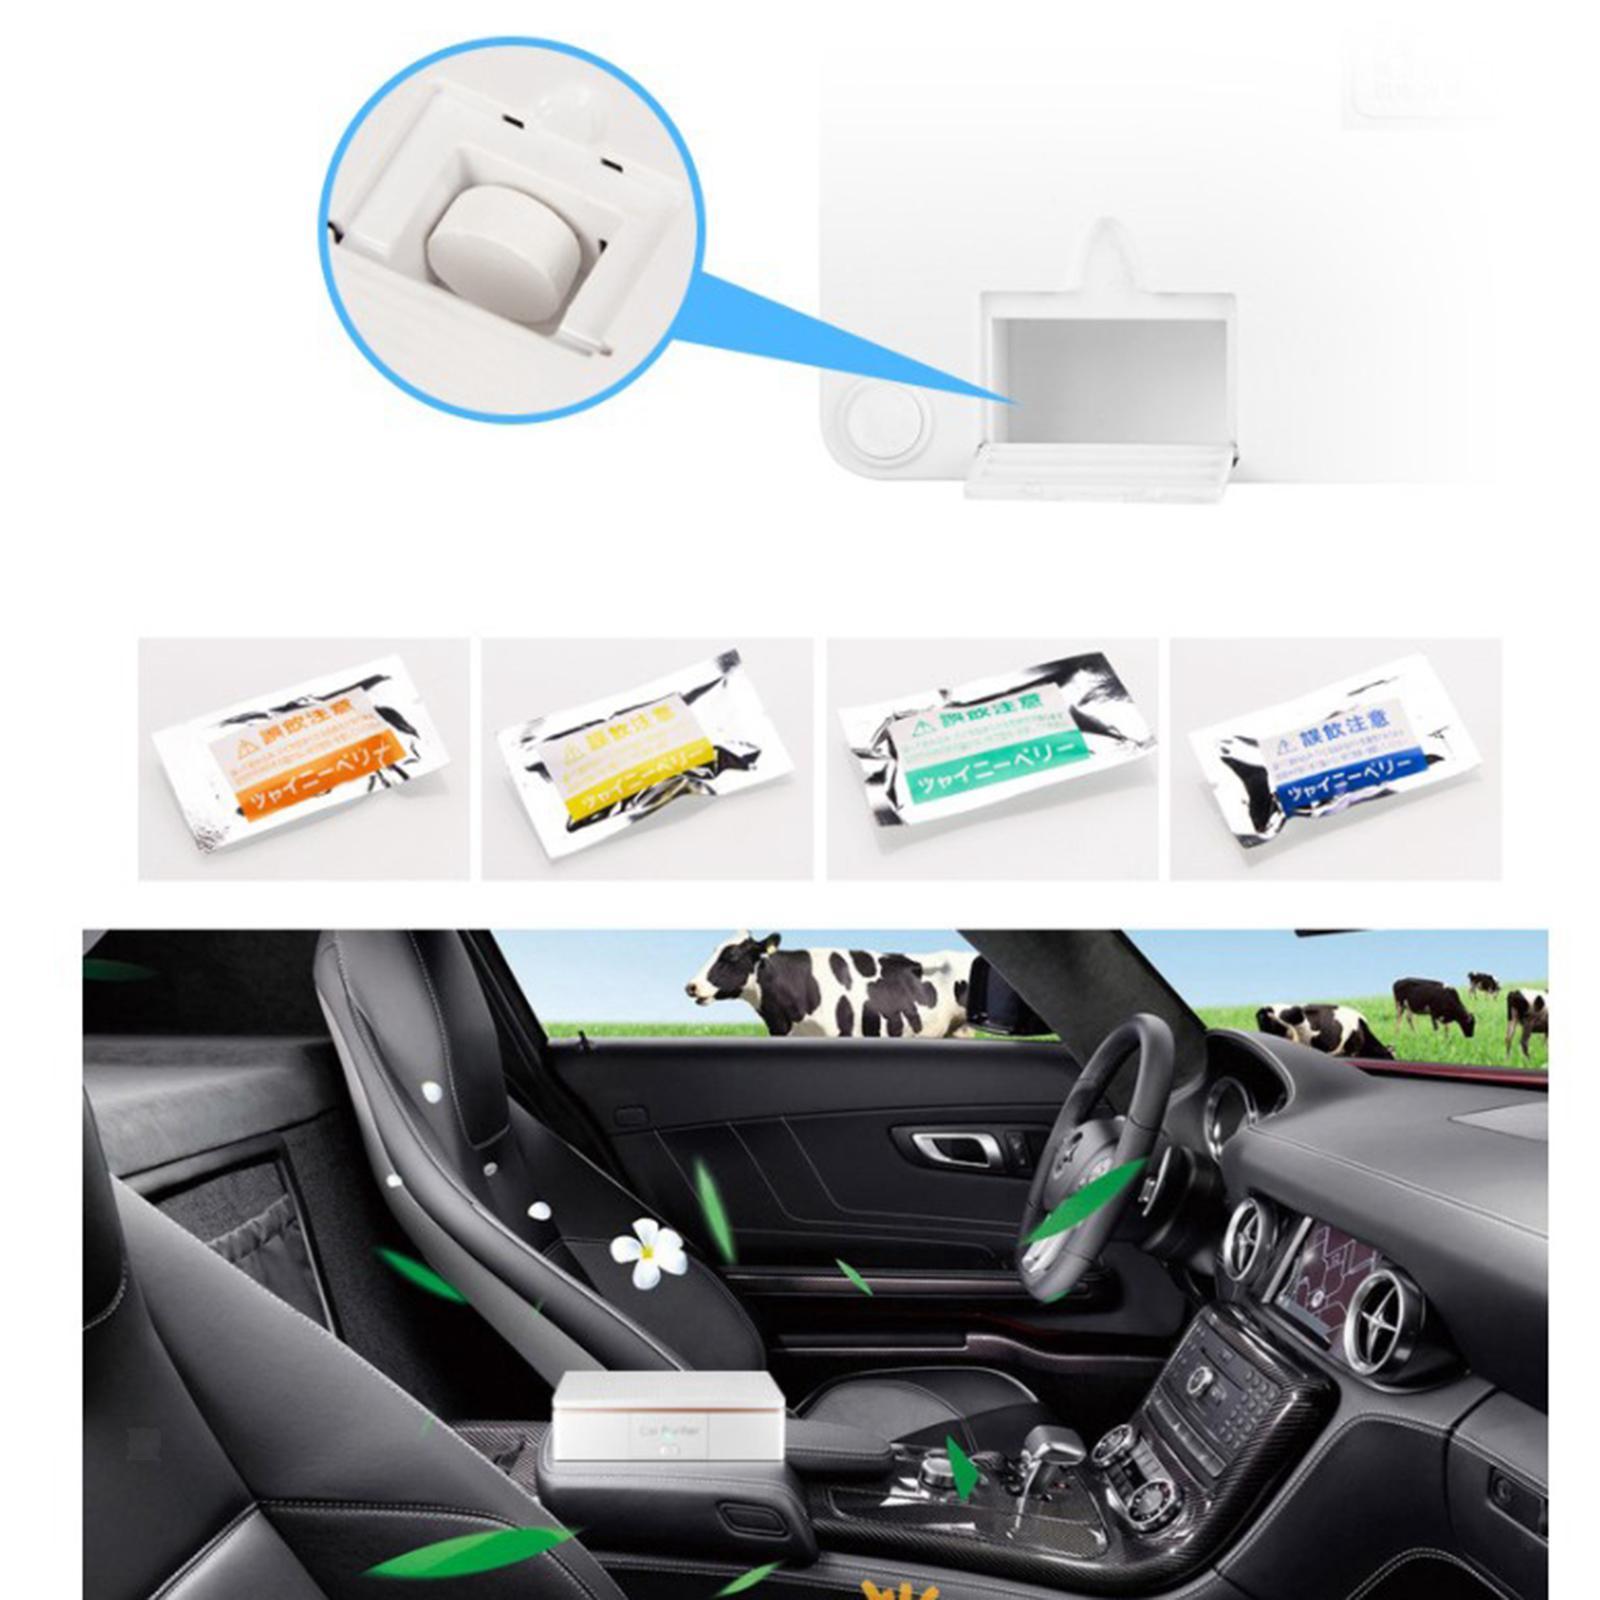 Indexbild 10 - Auto Air Purifier Luft Reiniger Deodorizer Ionisator für Home Office